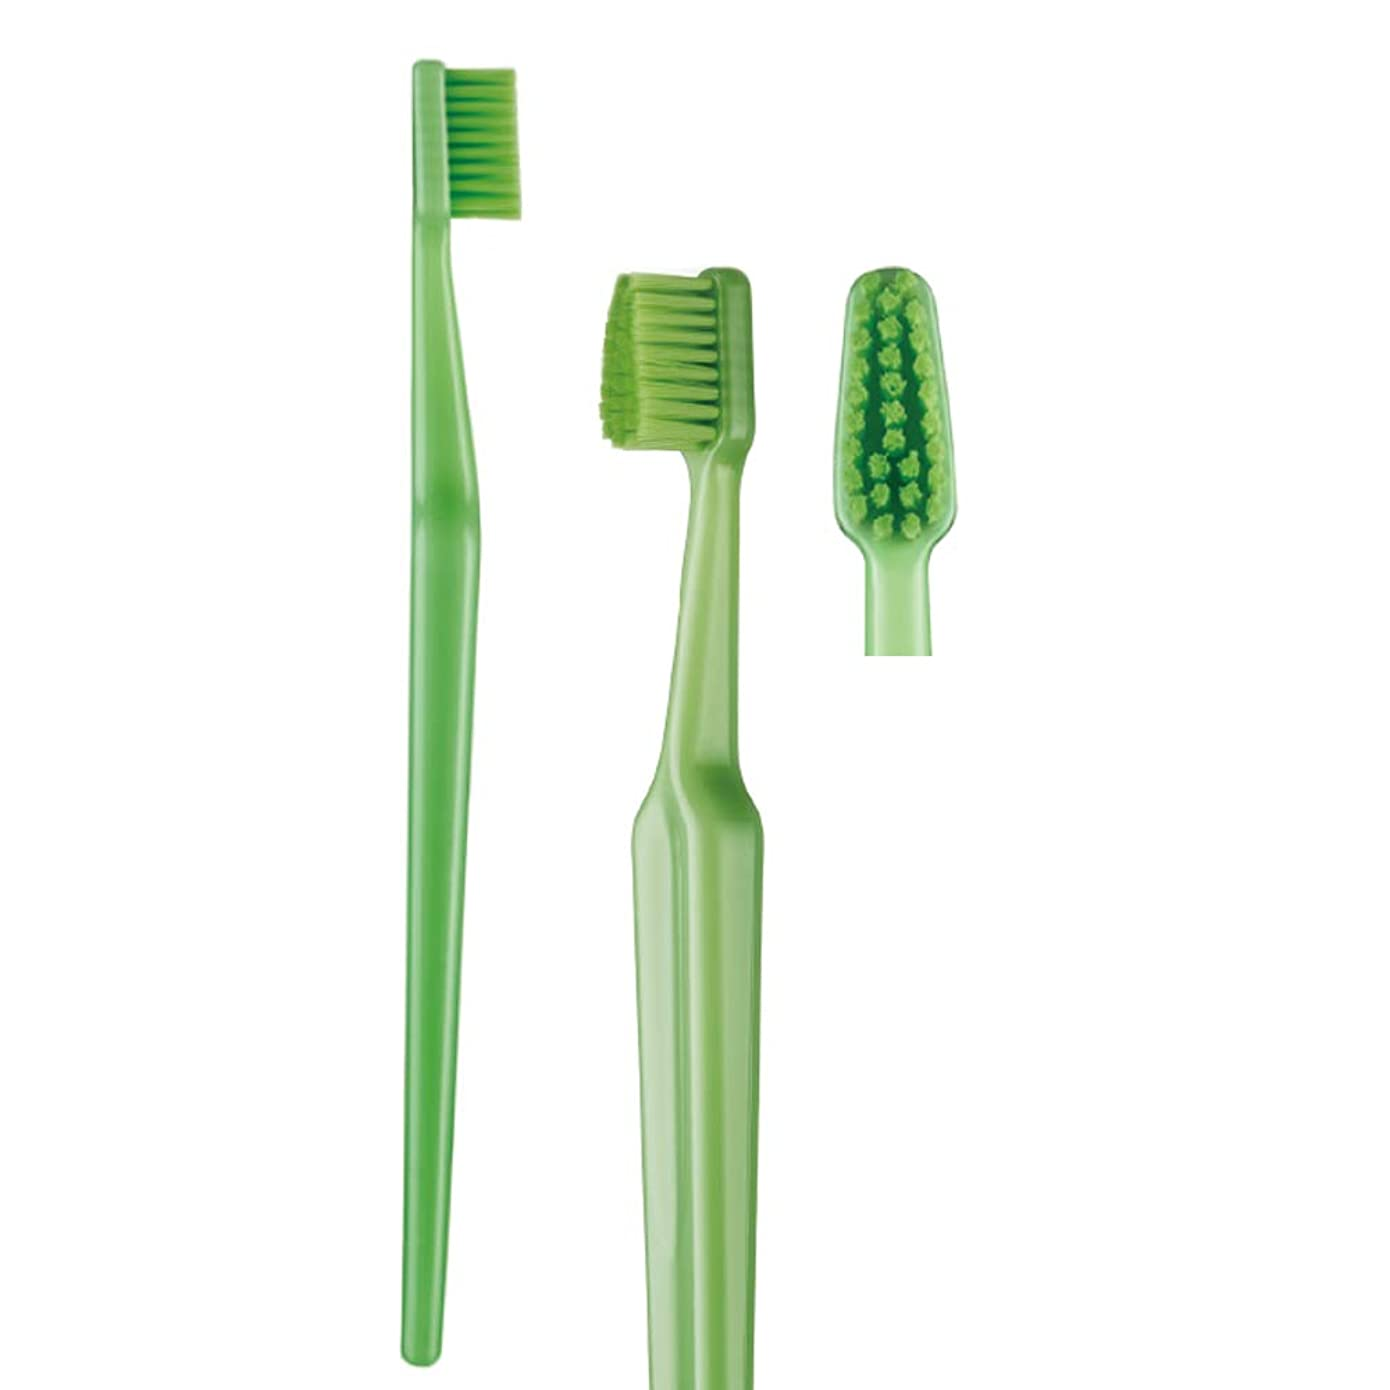 歯科専売品 大人用歯ブラシ TePe GOOD (グッド) コンパクト ソフト(やわらかめ) ヘッド中 1本